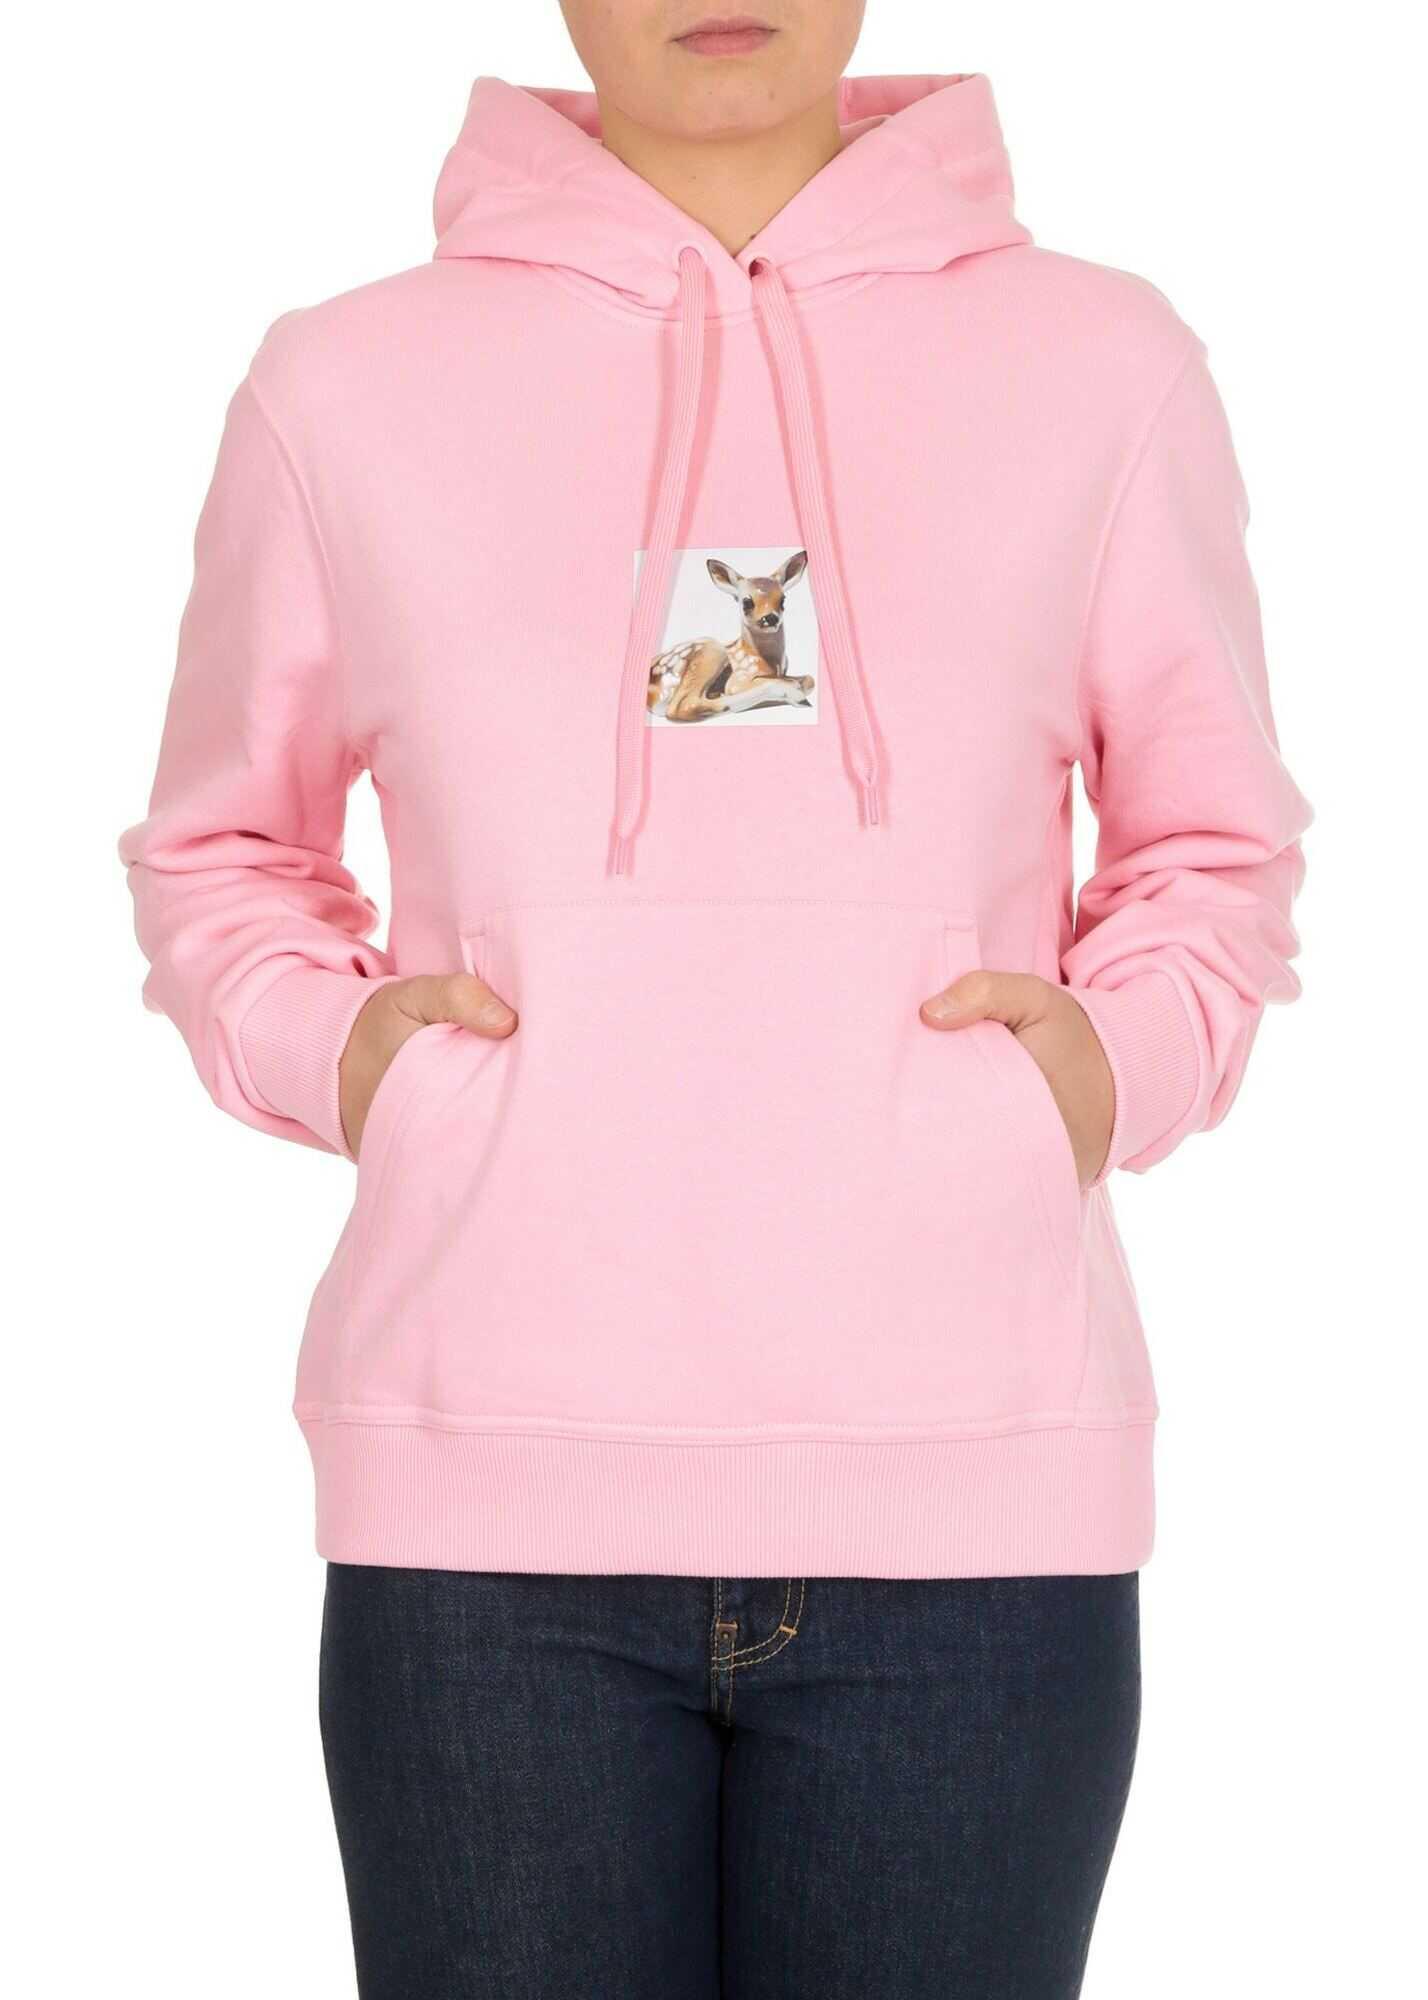 Burberry Deer Print Hoodie In Candy Pink Pink